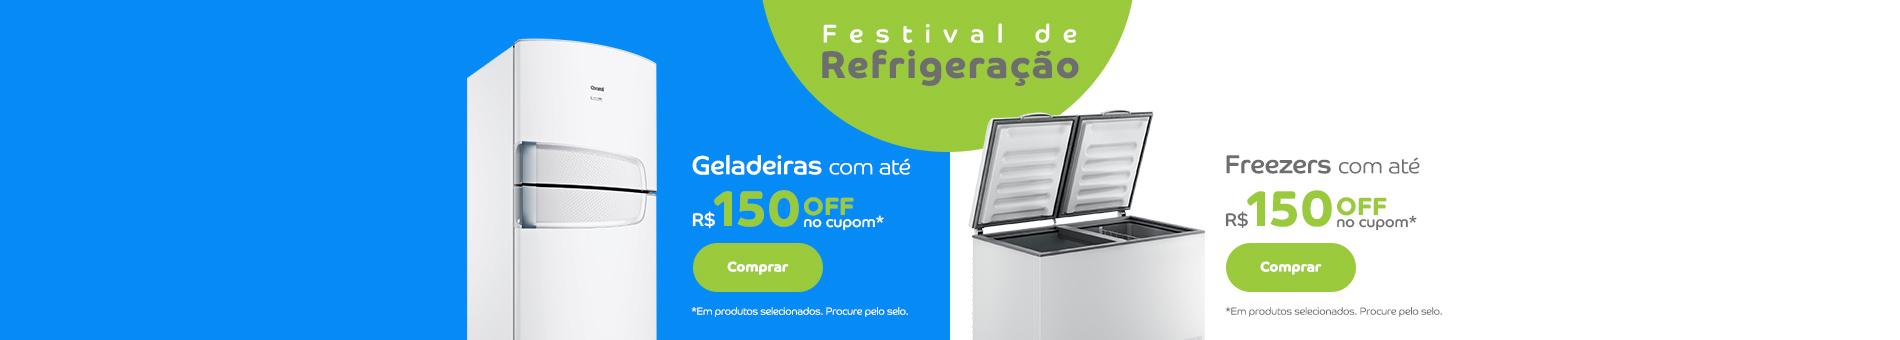 Promoção Interna - 2150 - camp-ehoje_geladeiras-freezers-duplo_18102017_home1 - geladeiras-freezers-duplo - 1